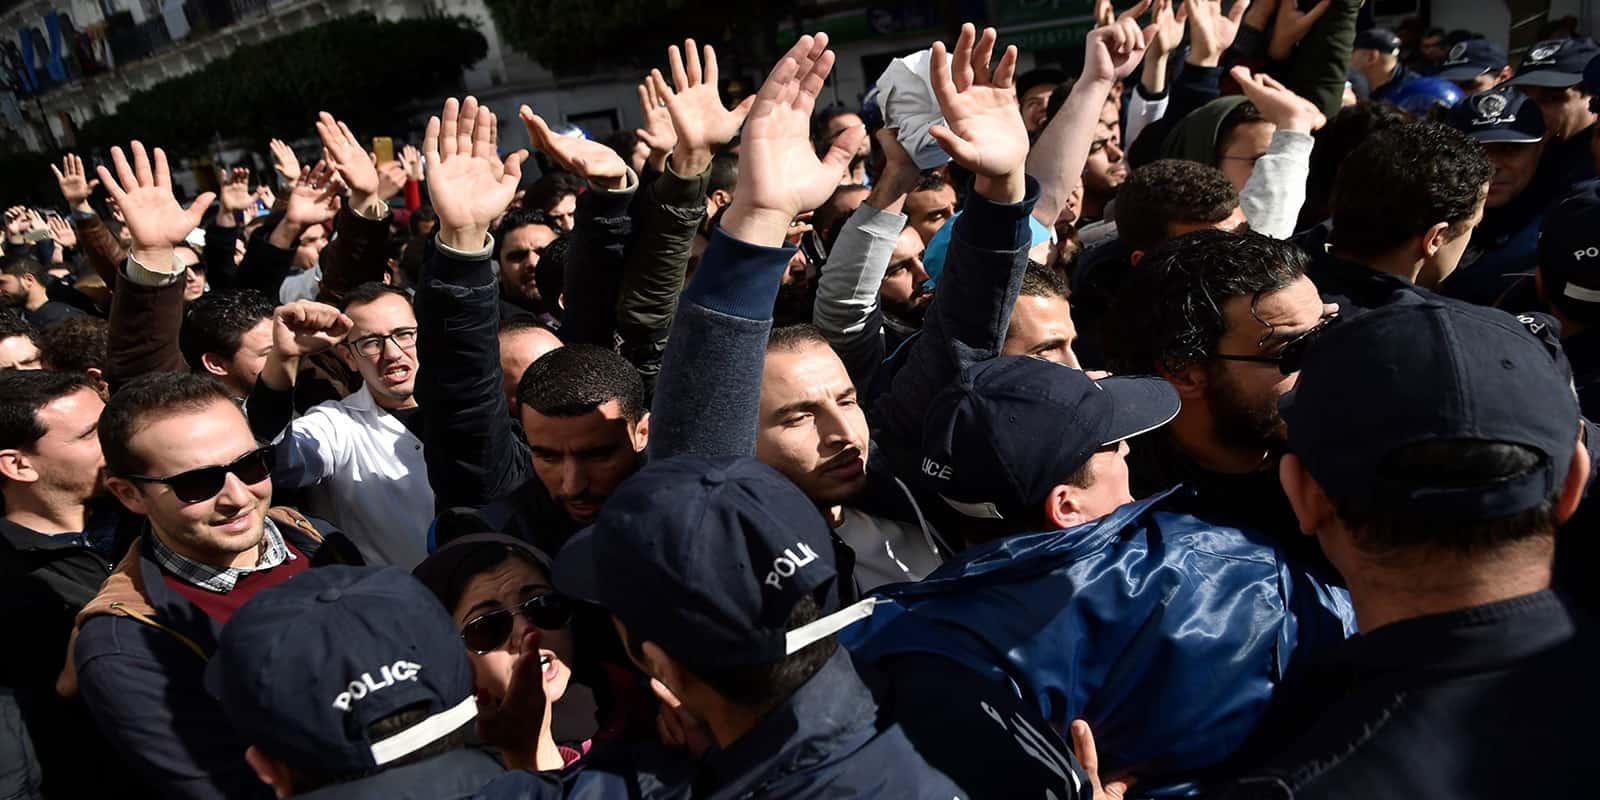 Le mouvement «Mouwatana» appelle à une manifestation pour exprimer son rejet pour le 5eme mandat, dimanche prochain 24 février 2019, à la place Audin à Alger et devant les sièges de wilayas à travers tout le territoire national.